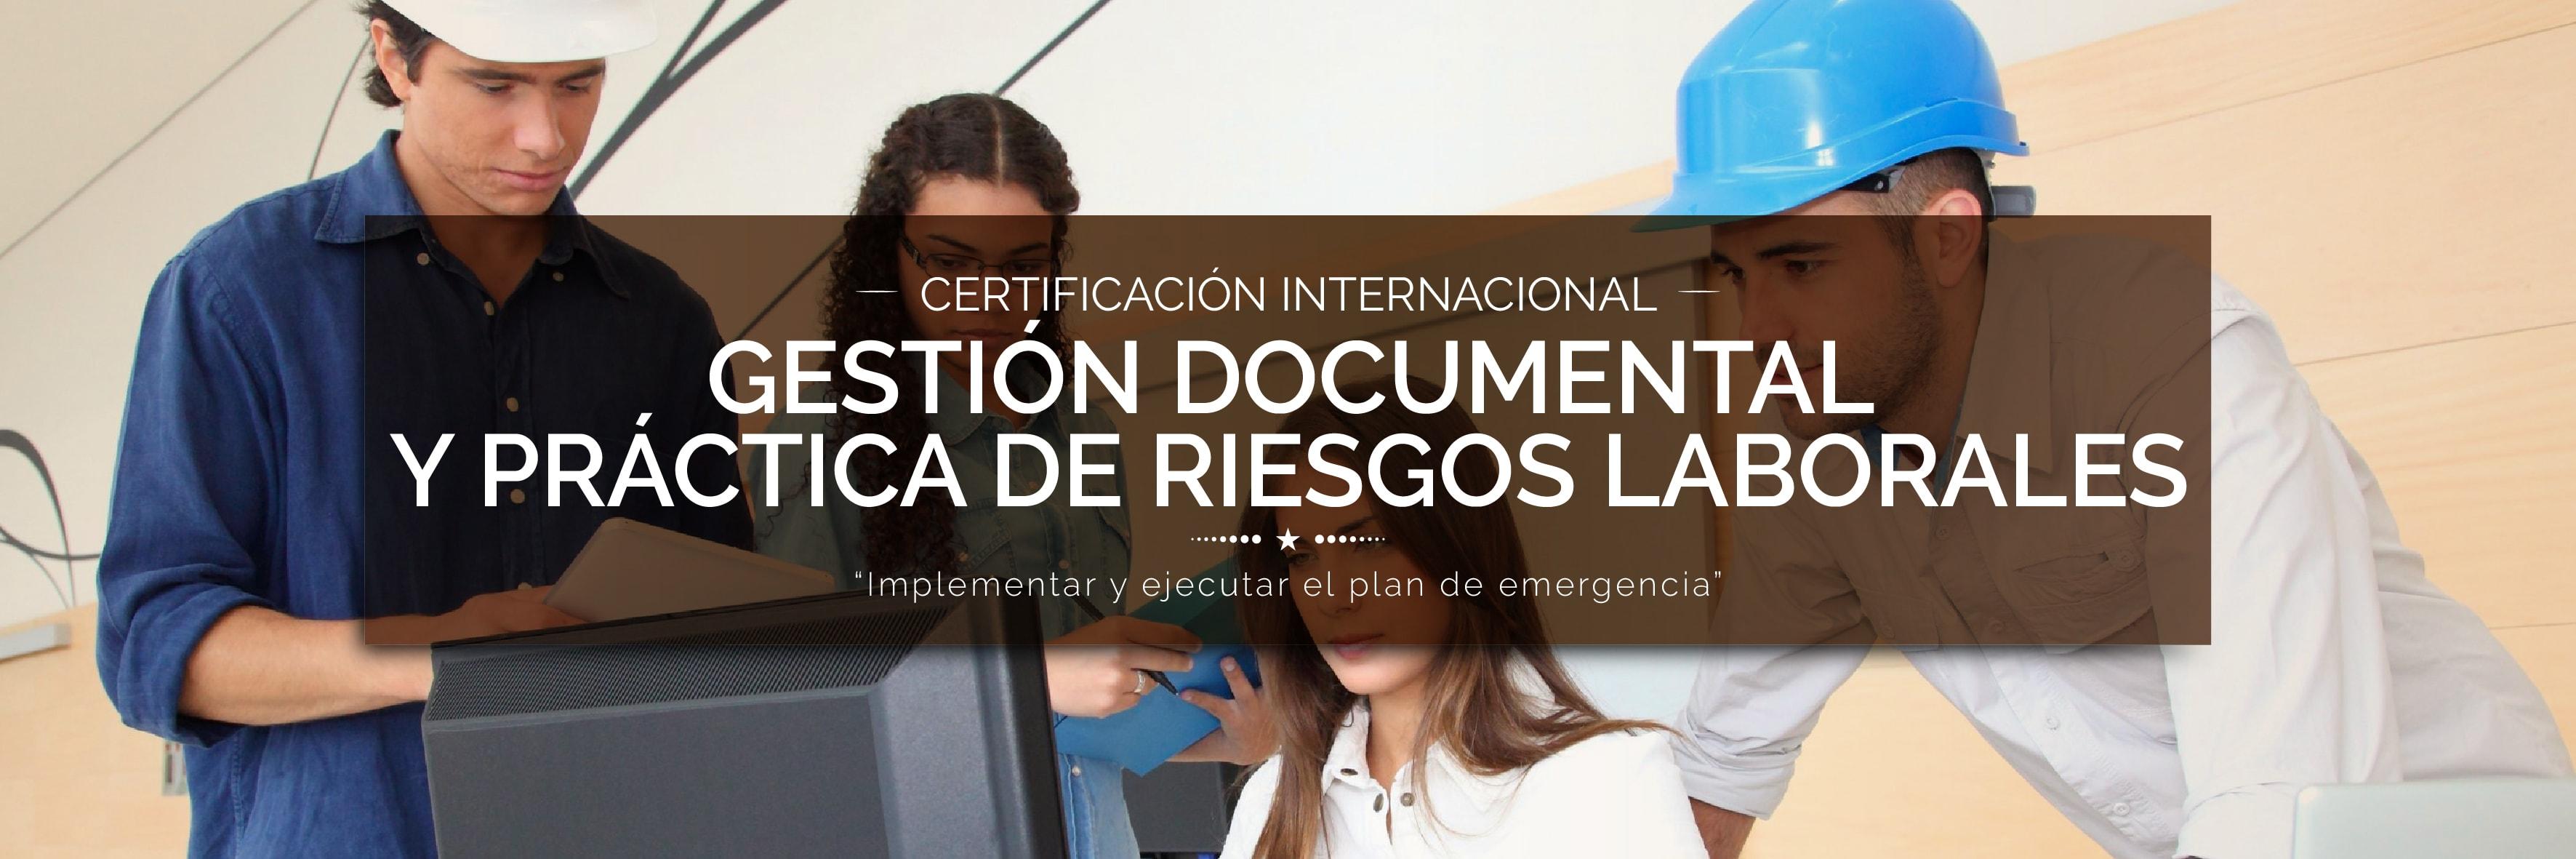 Certificación Internacional Gestión Documental y Practica de Riesgo laborales